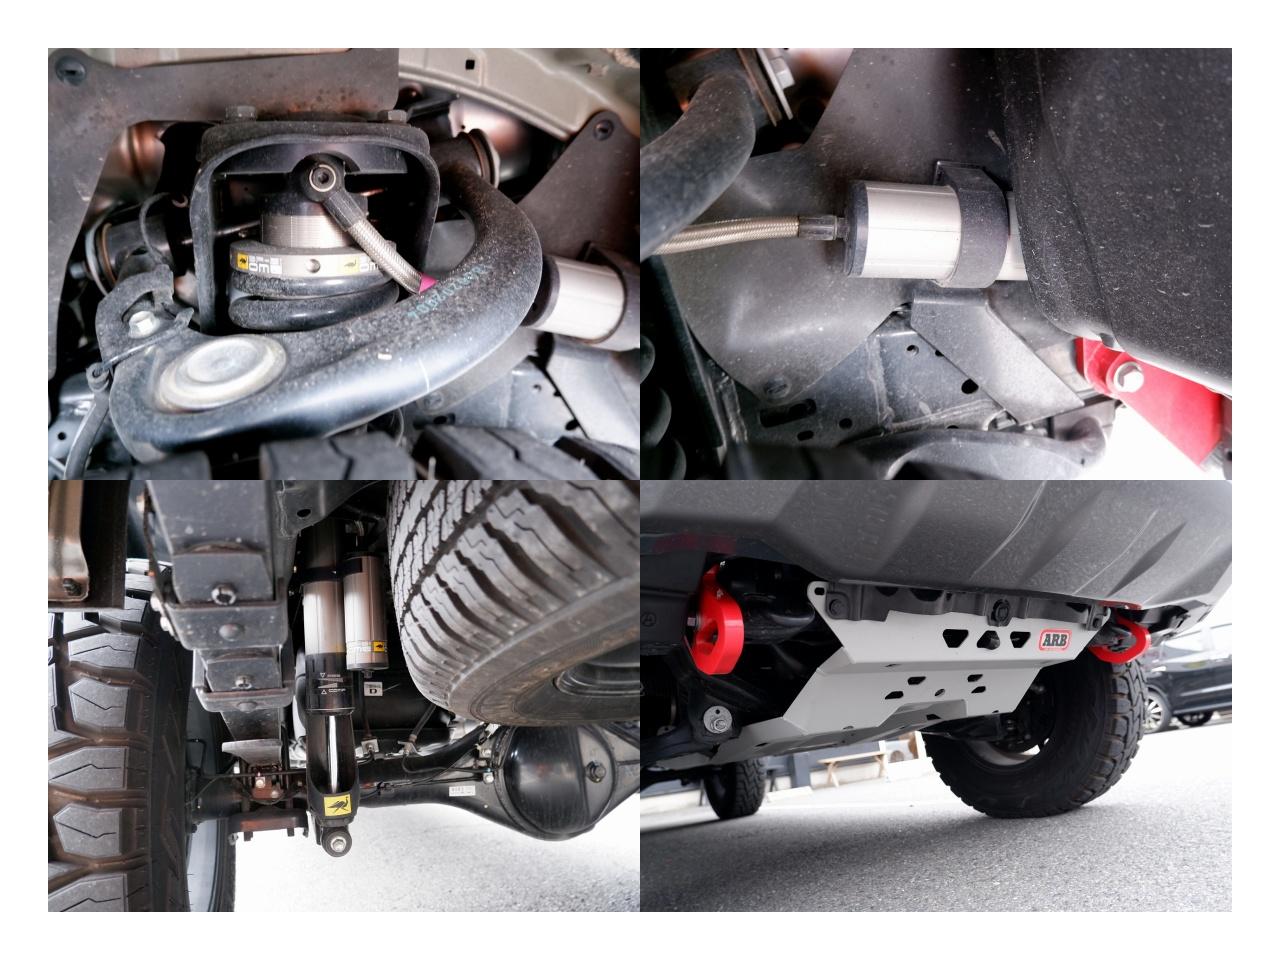 ハイラックス GR スポーツ custom バンパー リフトアップ GUN125 ARB LINE-X エミュー